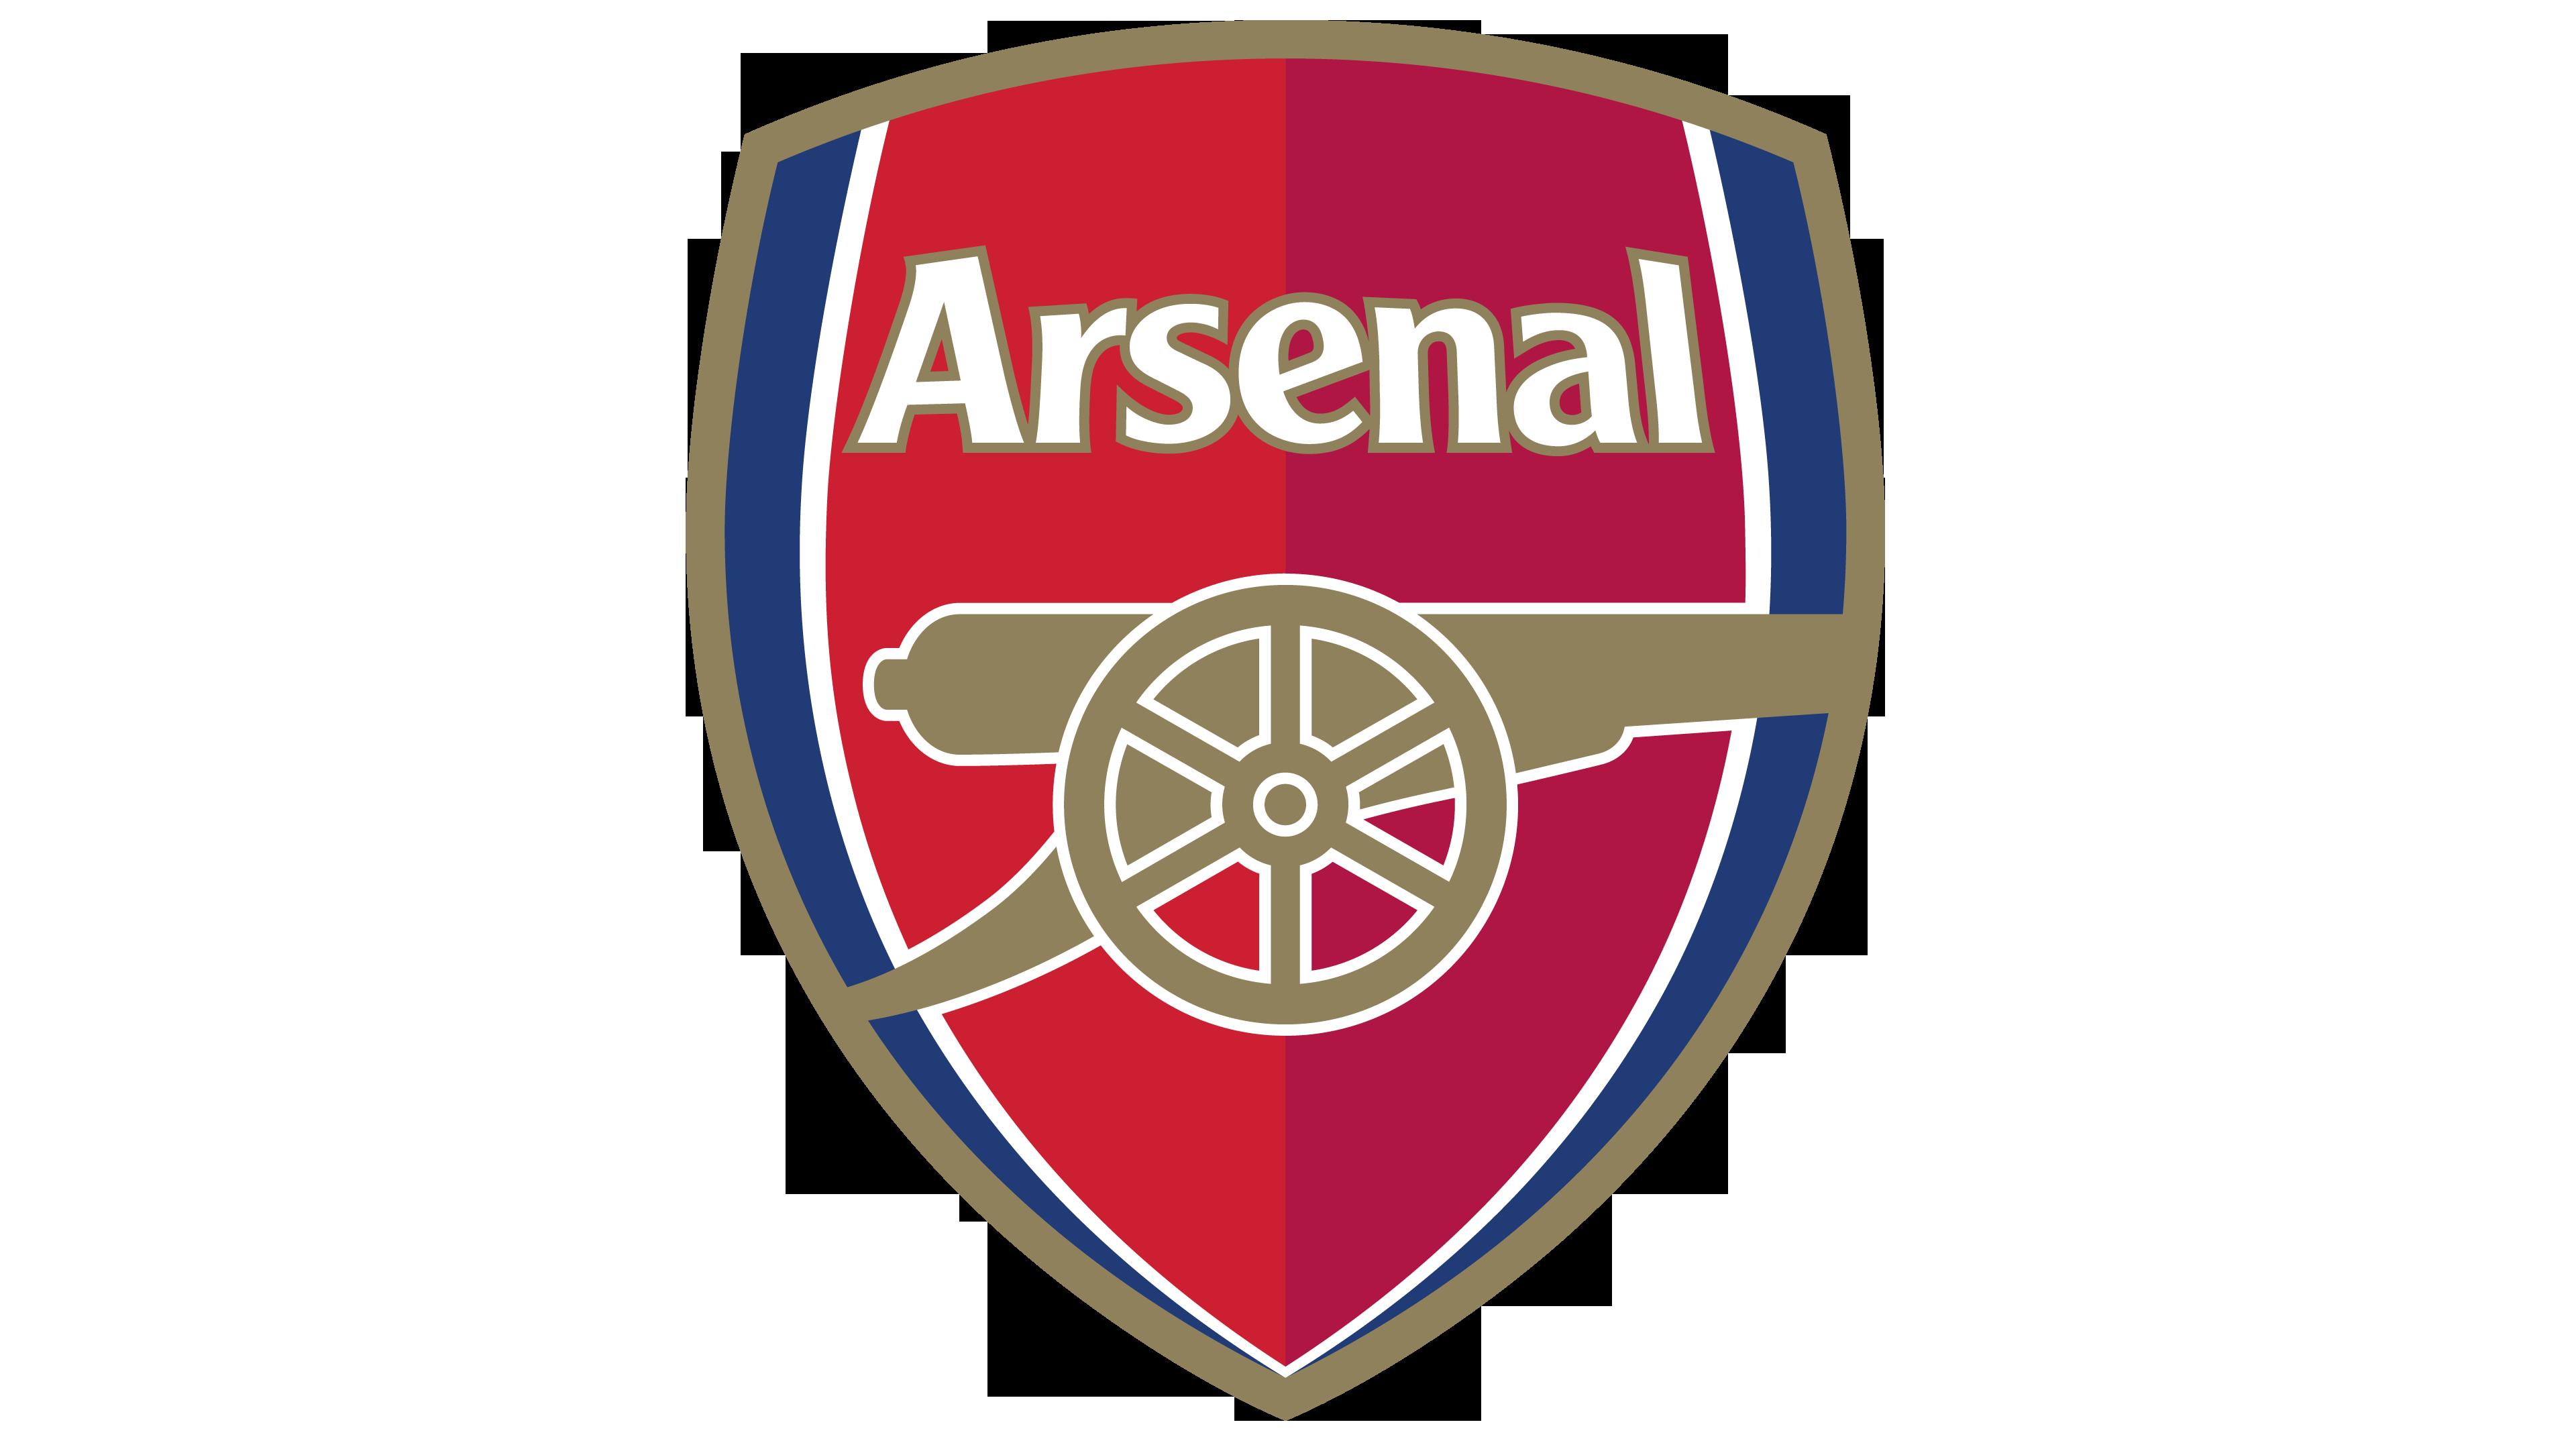 Arsenal logo.